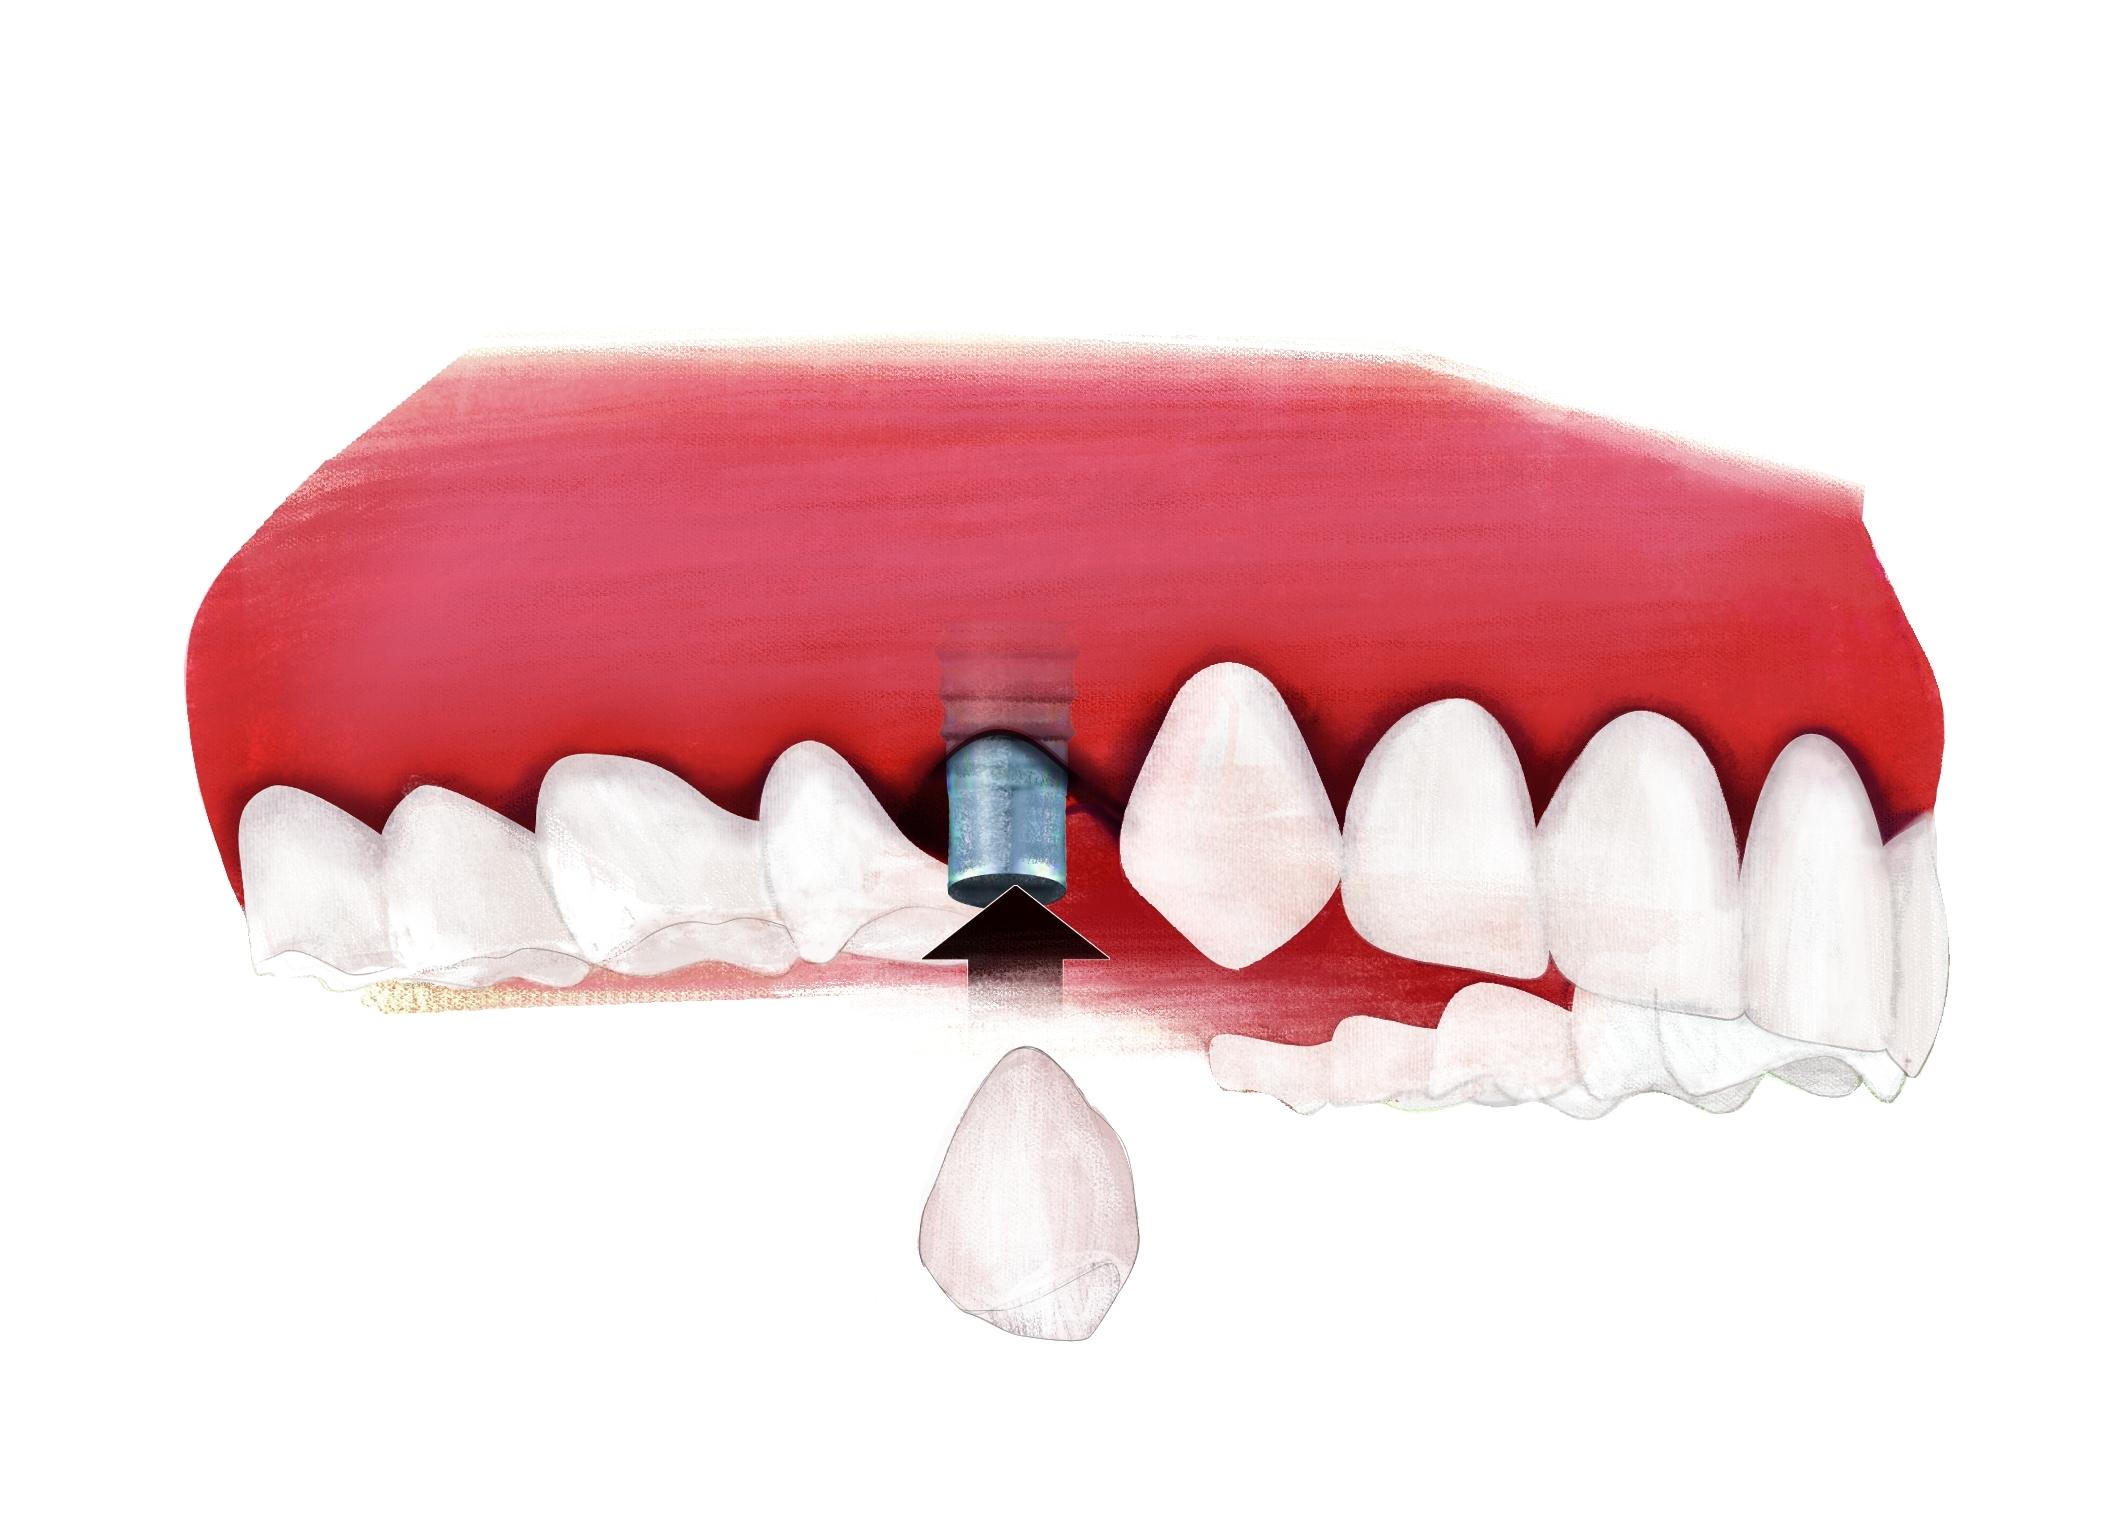 Zahnimplantat Erfahrungsberichte